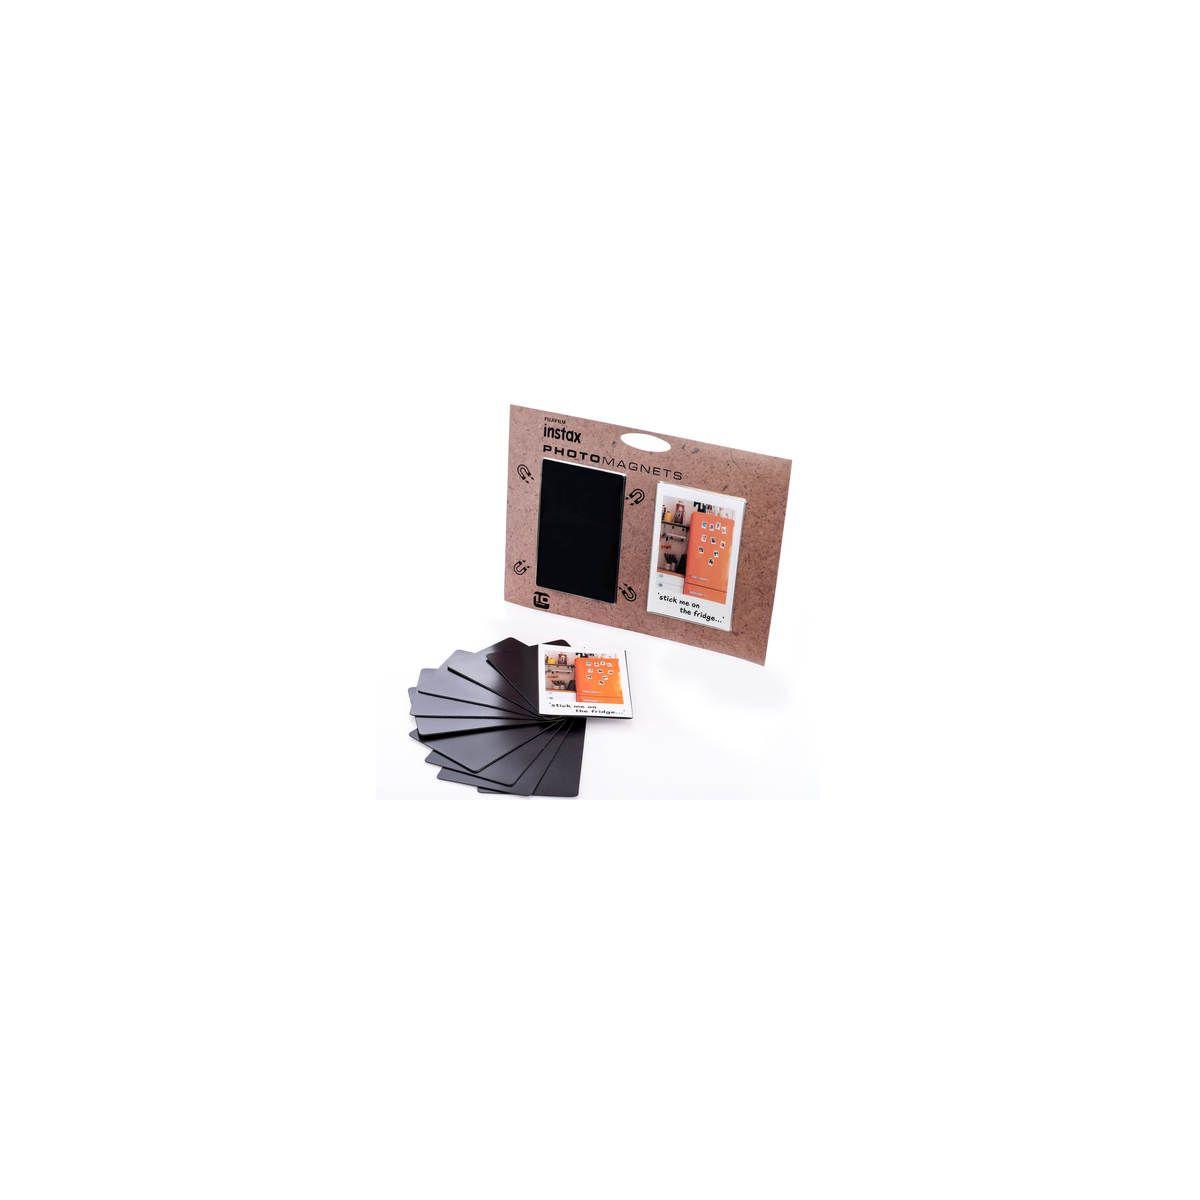 FUJI Instax fridge magnets (x10)